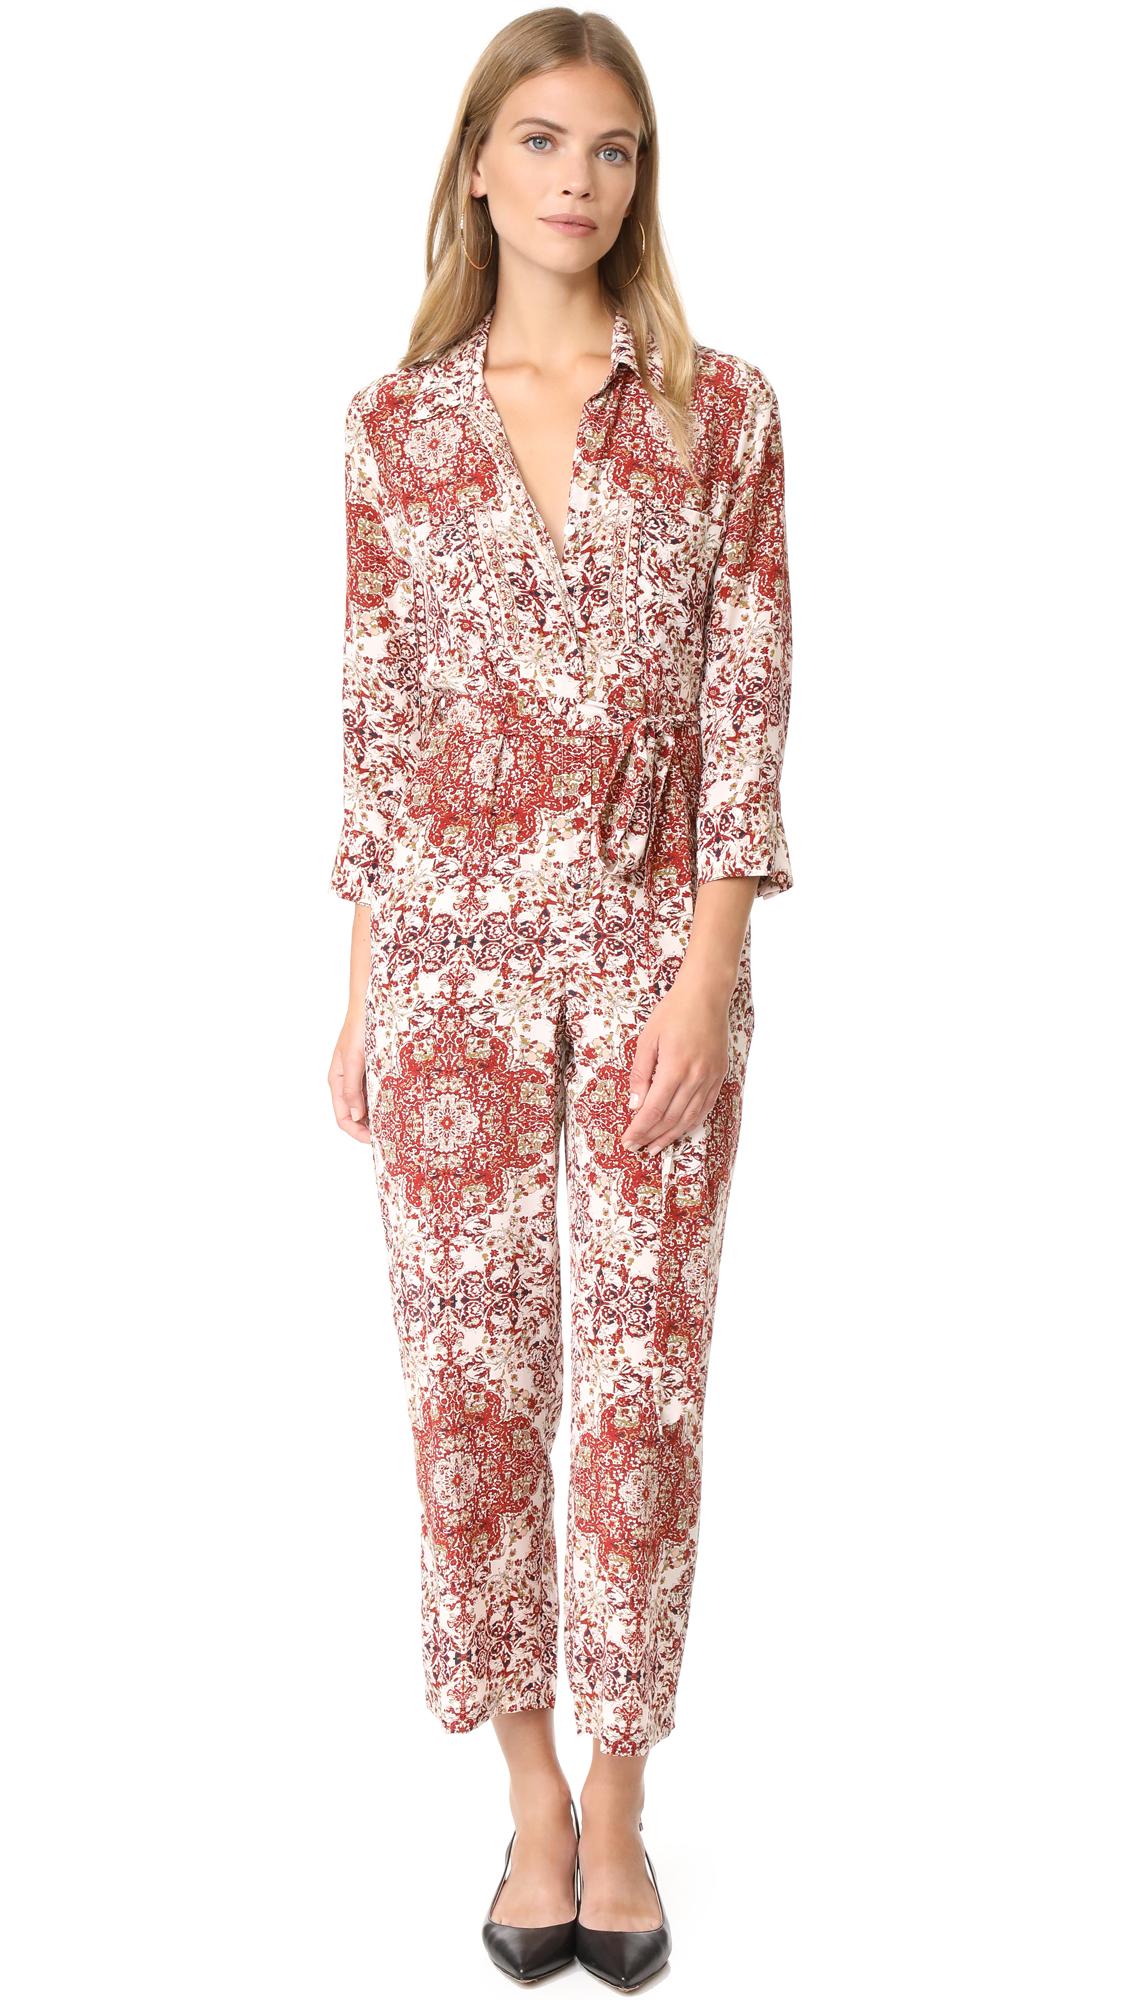 LAGENCE Delia 3/4 Sleeve Jumpsuit - Rhubarb Multi